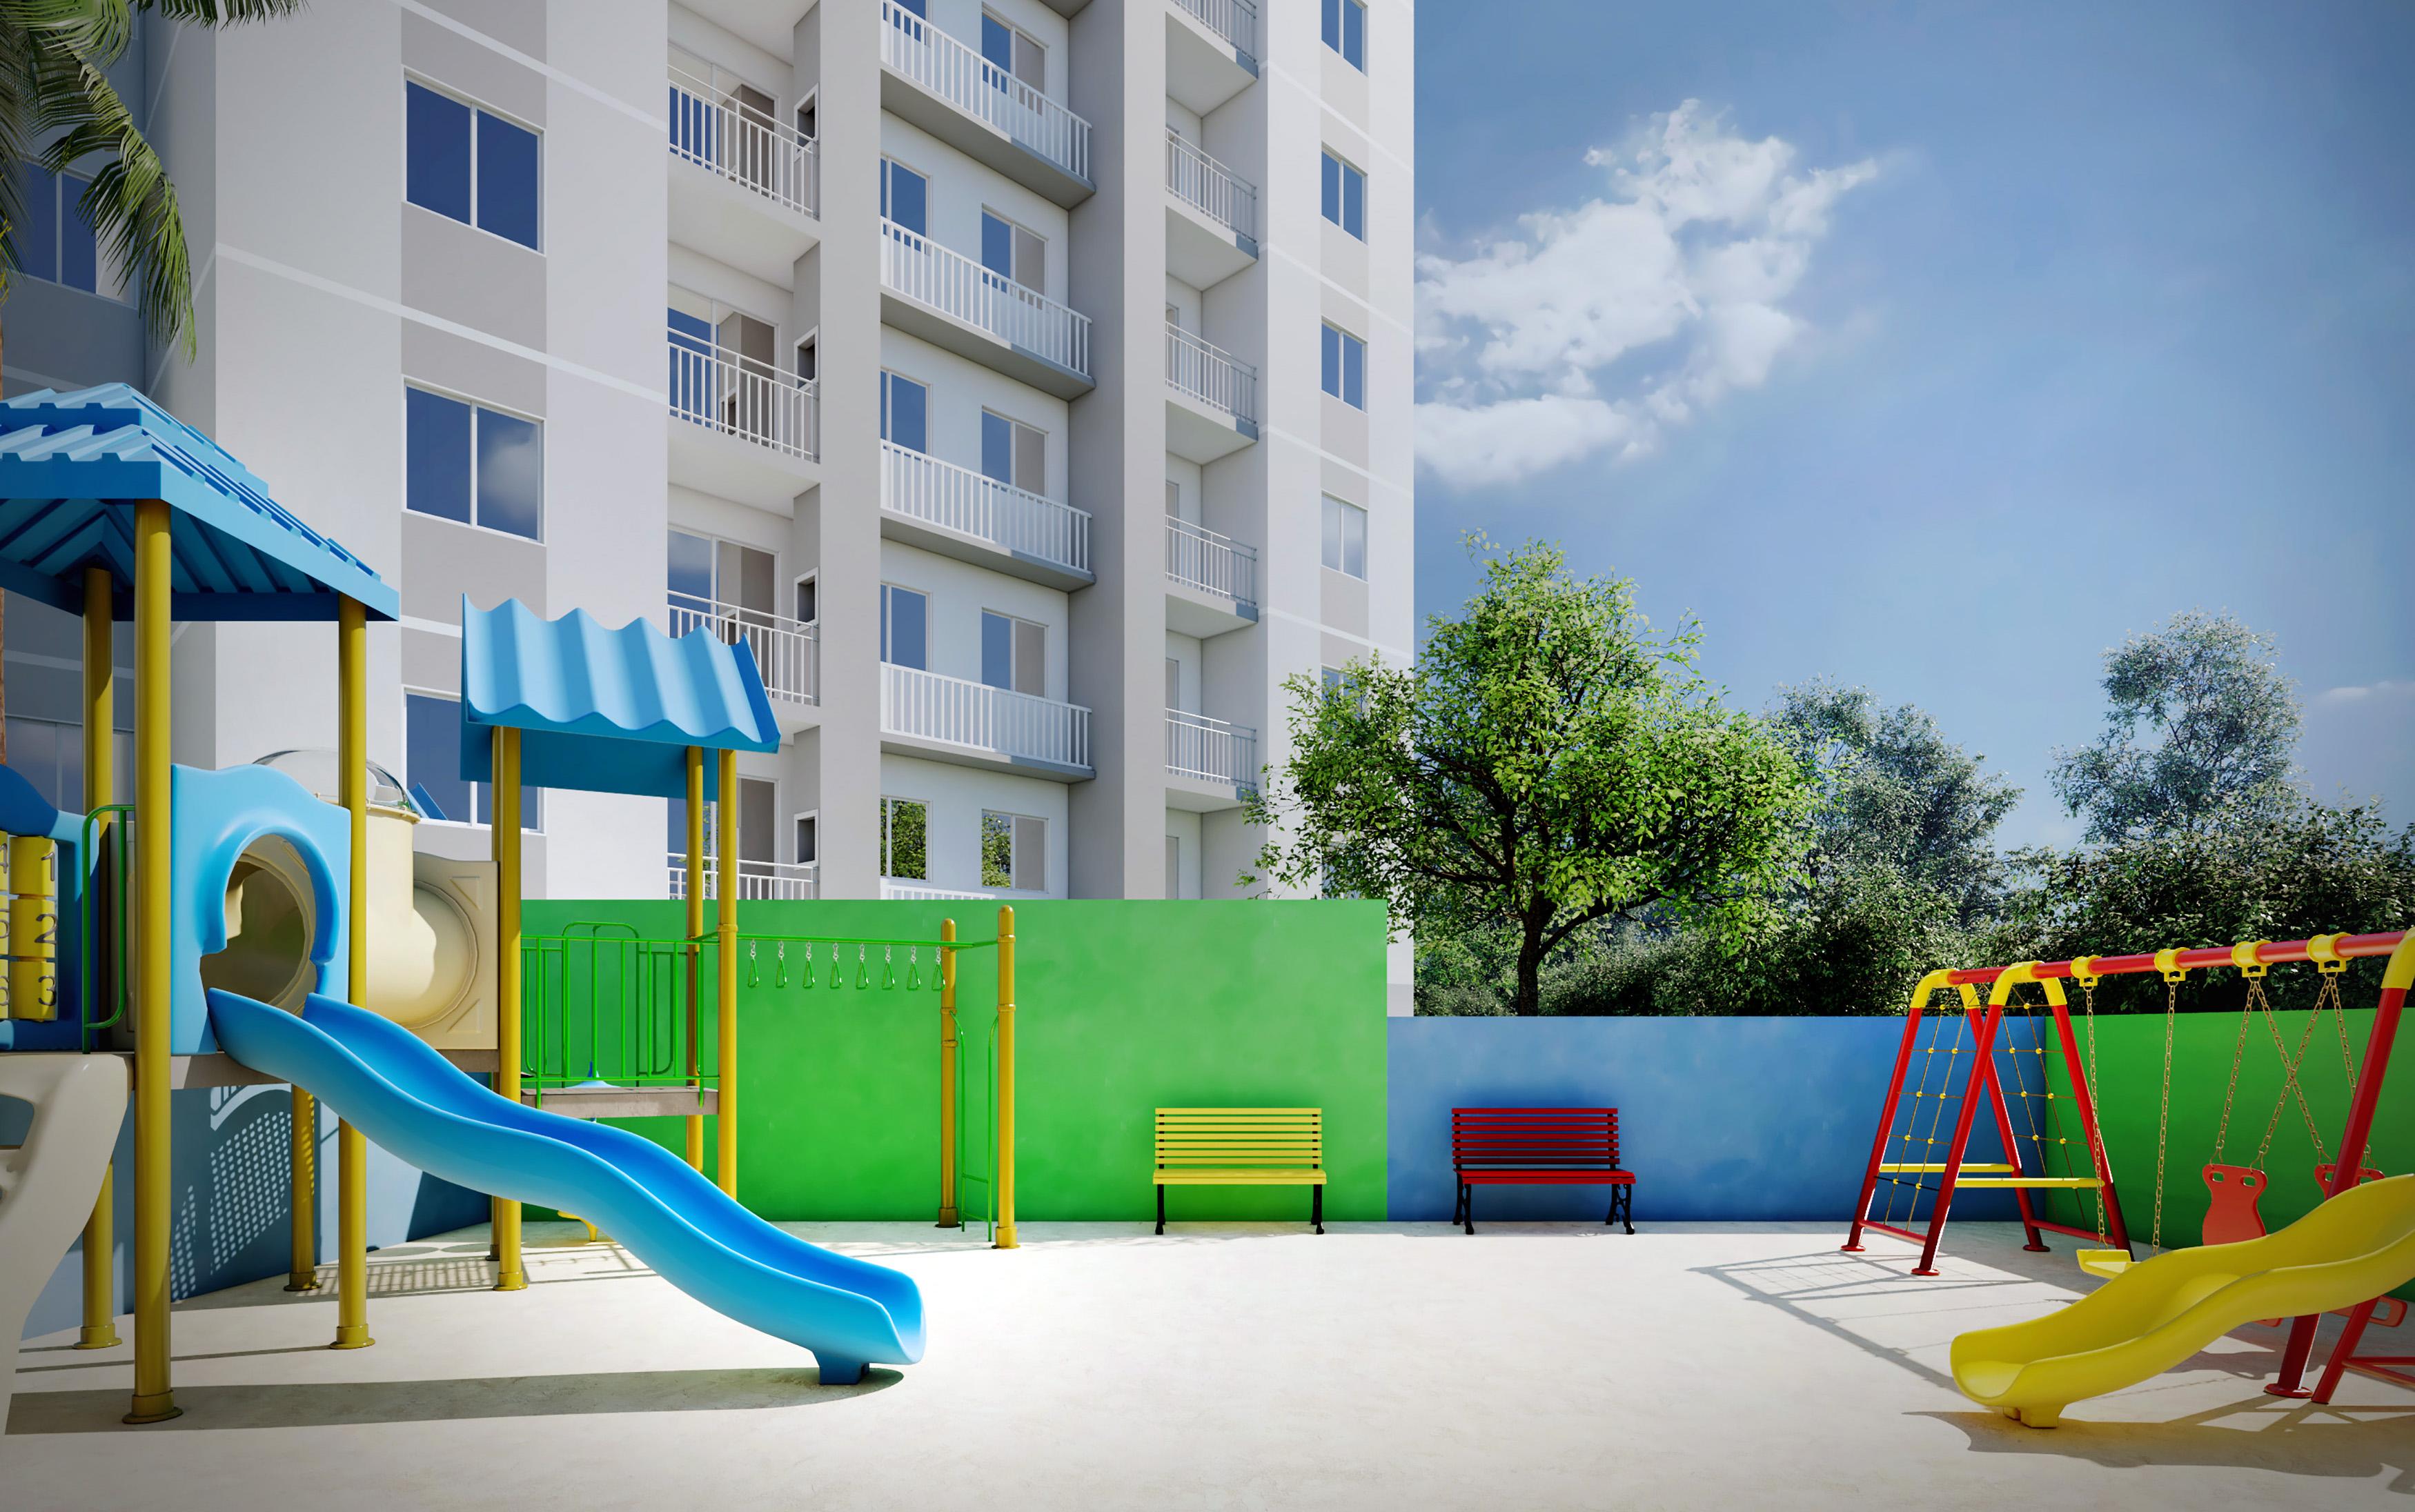 jardim-das-alamandas-playground